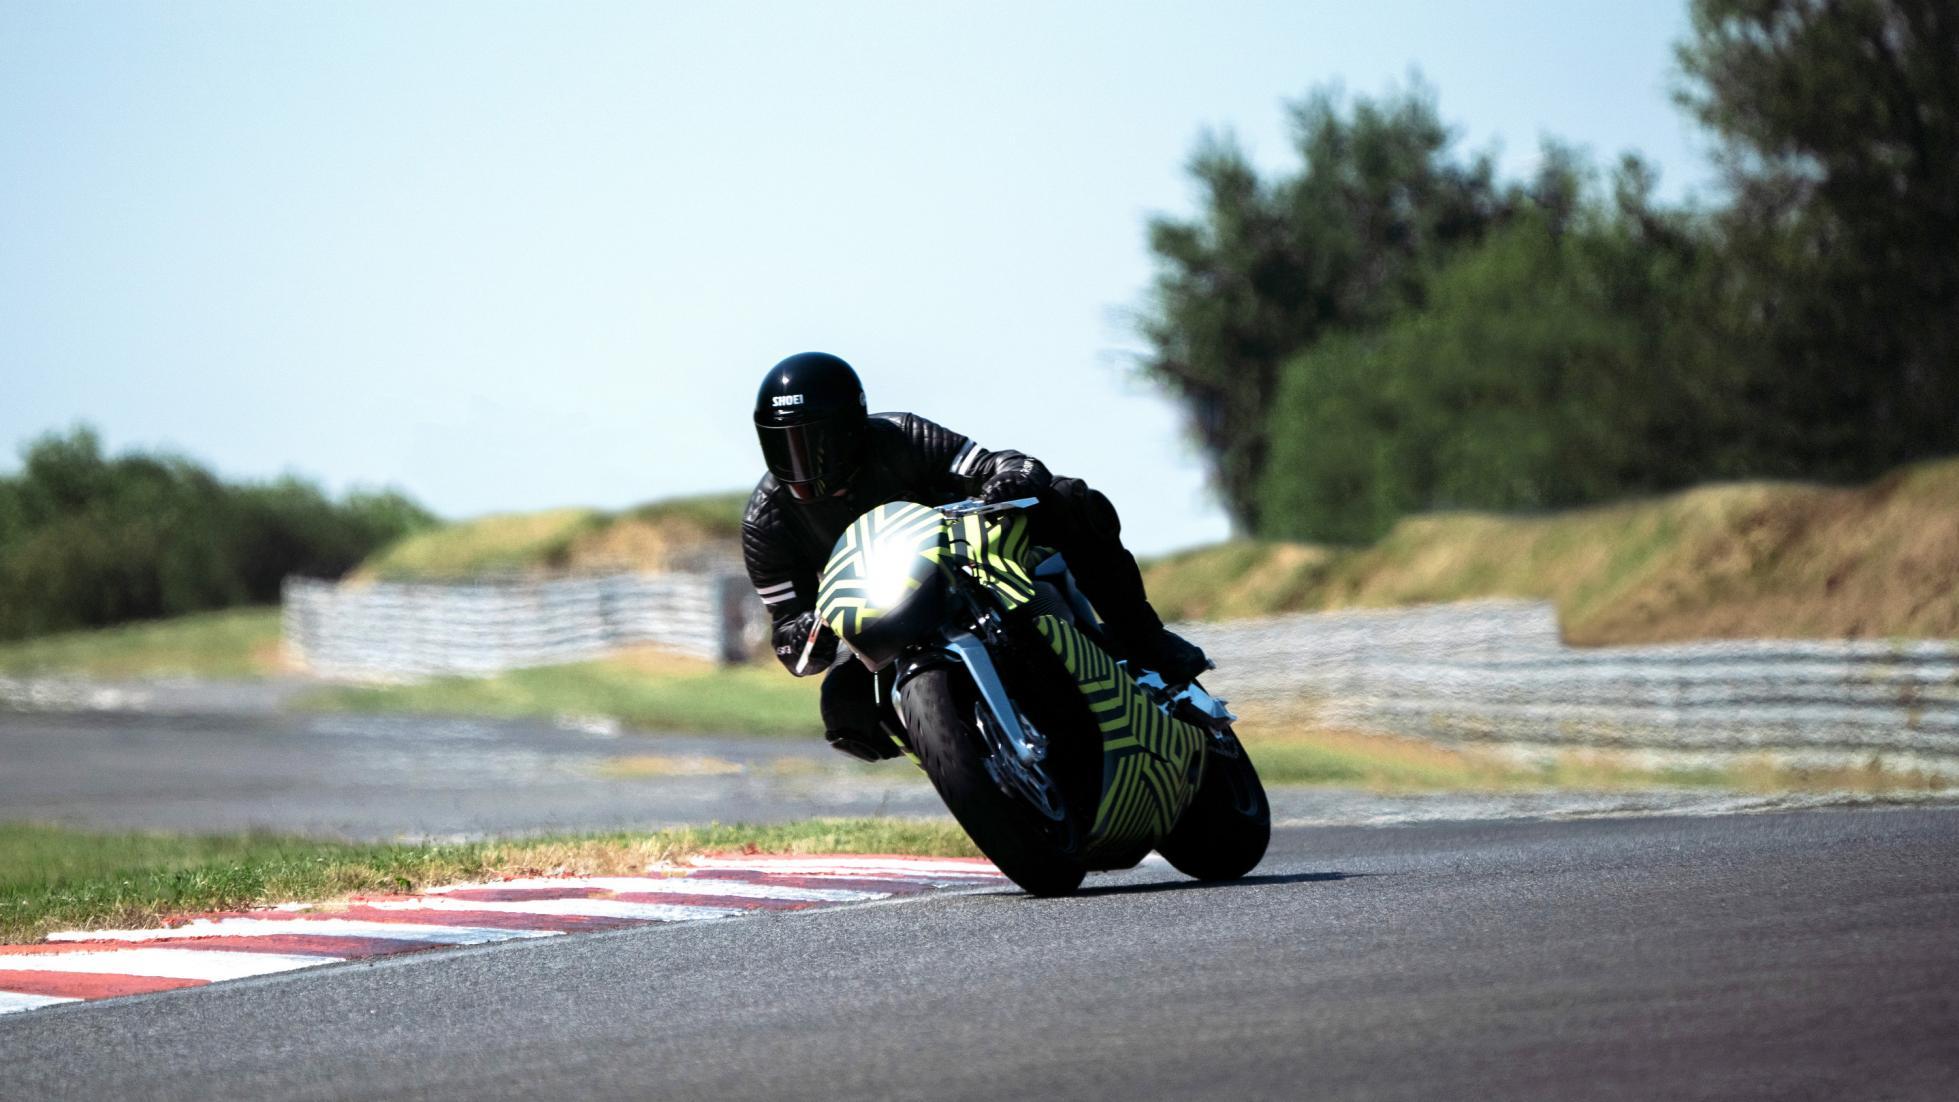 AMB 001 going through dynamic testing at Pau-Arnos circuit, France